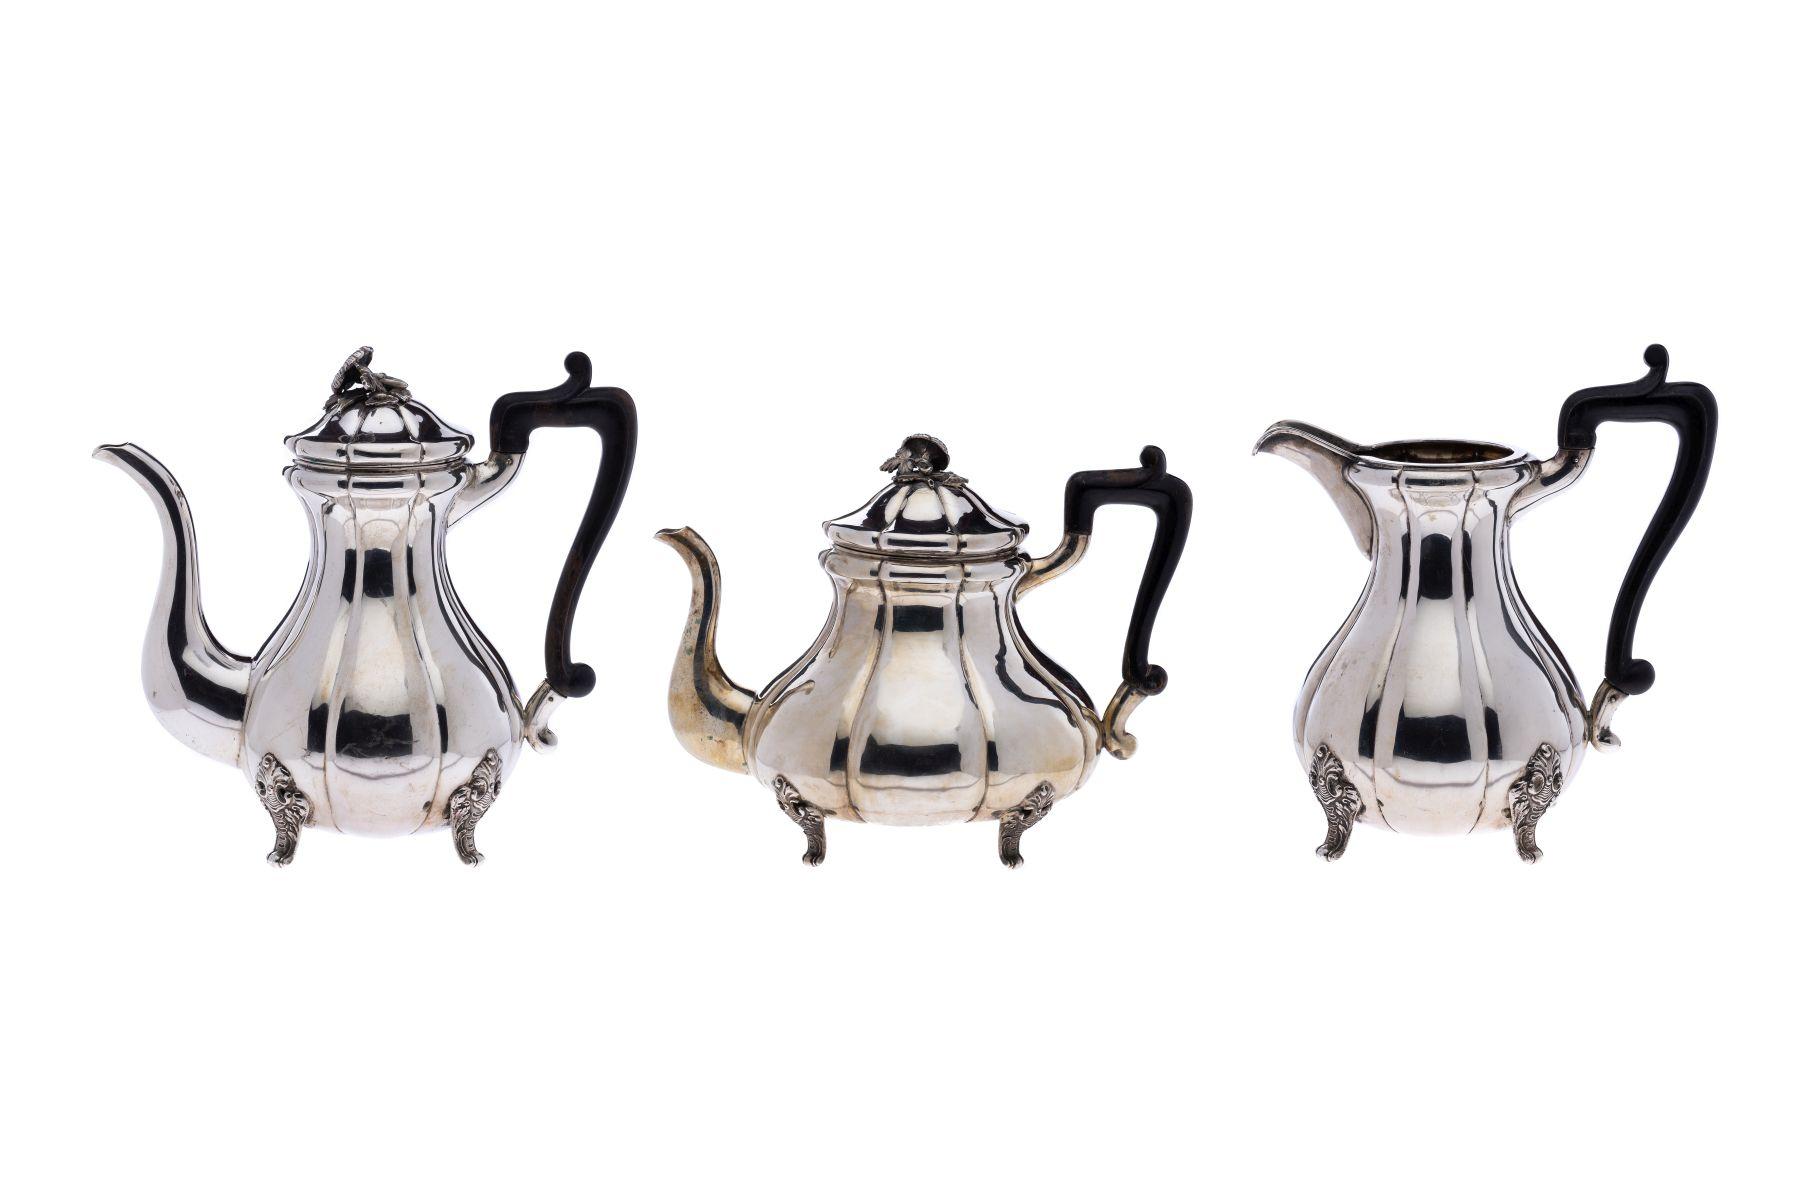 #2 Teapot, coffee pot and milk jug with black wooden handle | Teekanne, Kaffeekanne und Milchkanne mit schwarzem Holzgriff Image